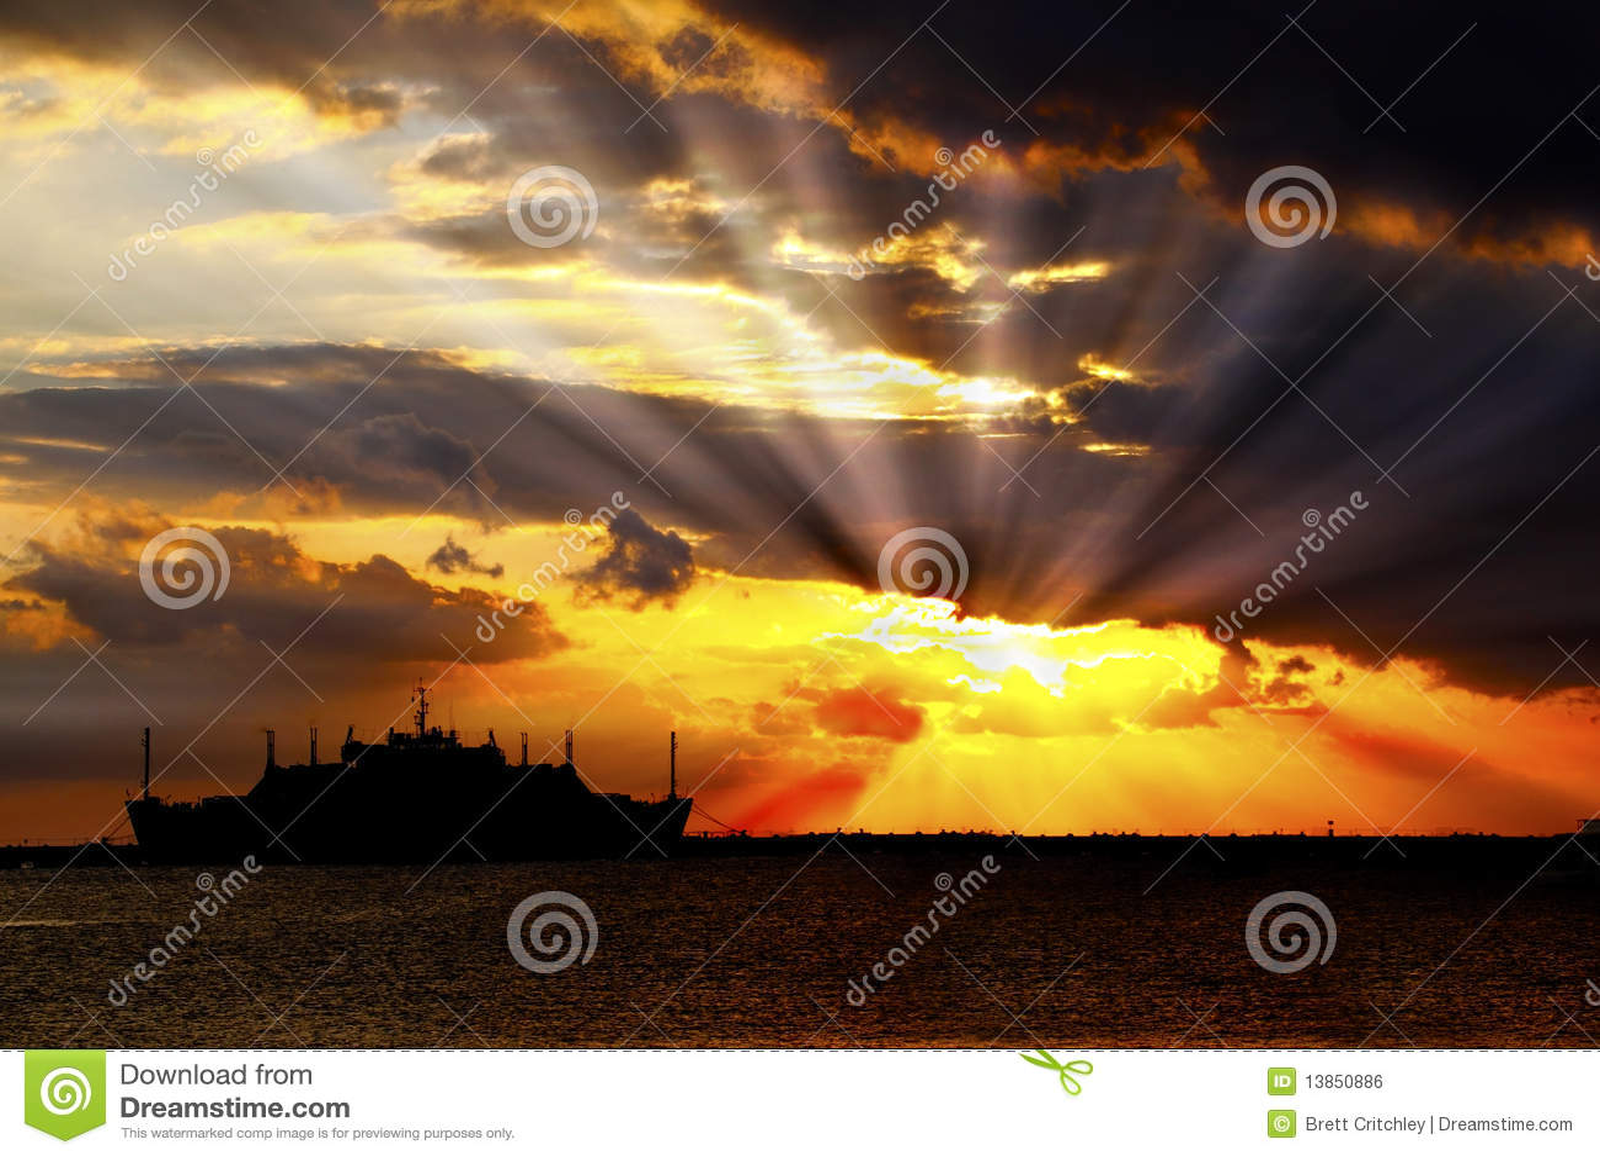 Wybuchów chmur słońca wschód słońca